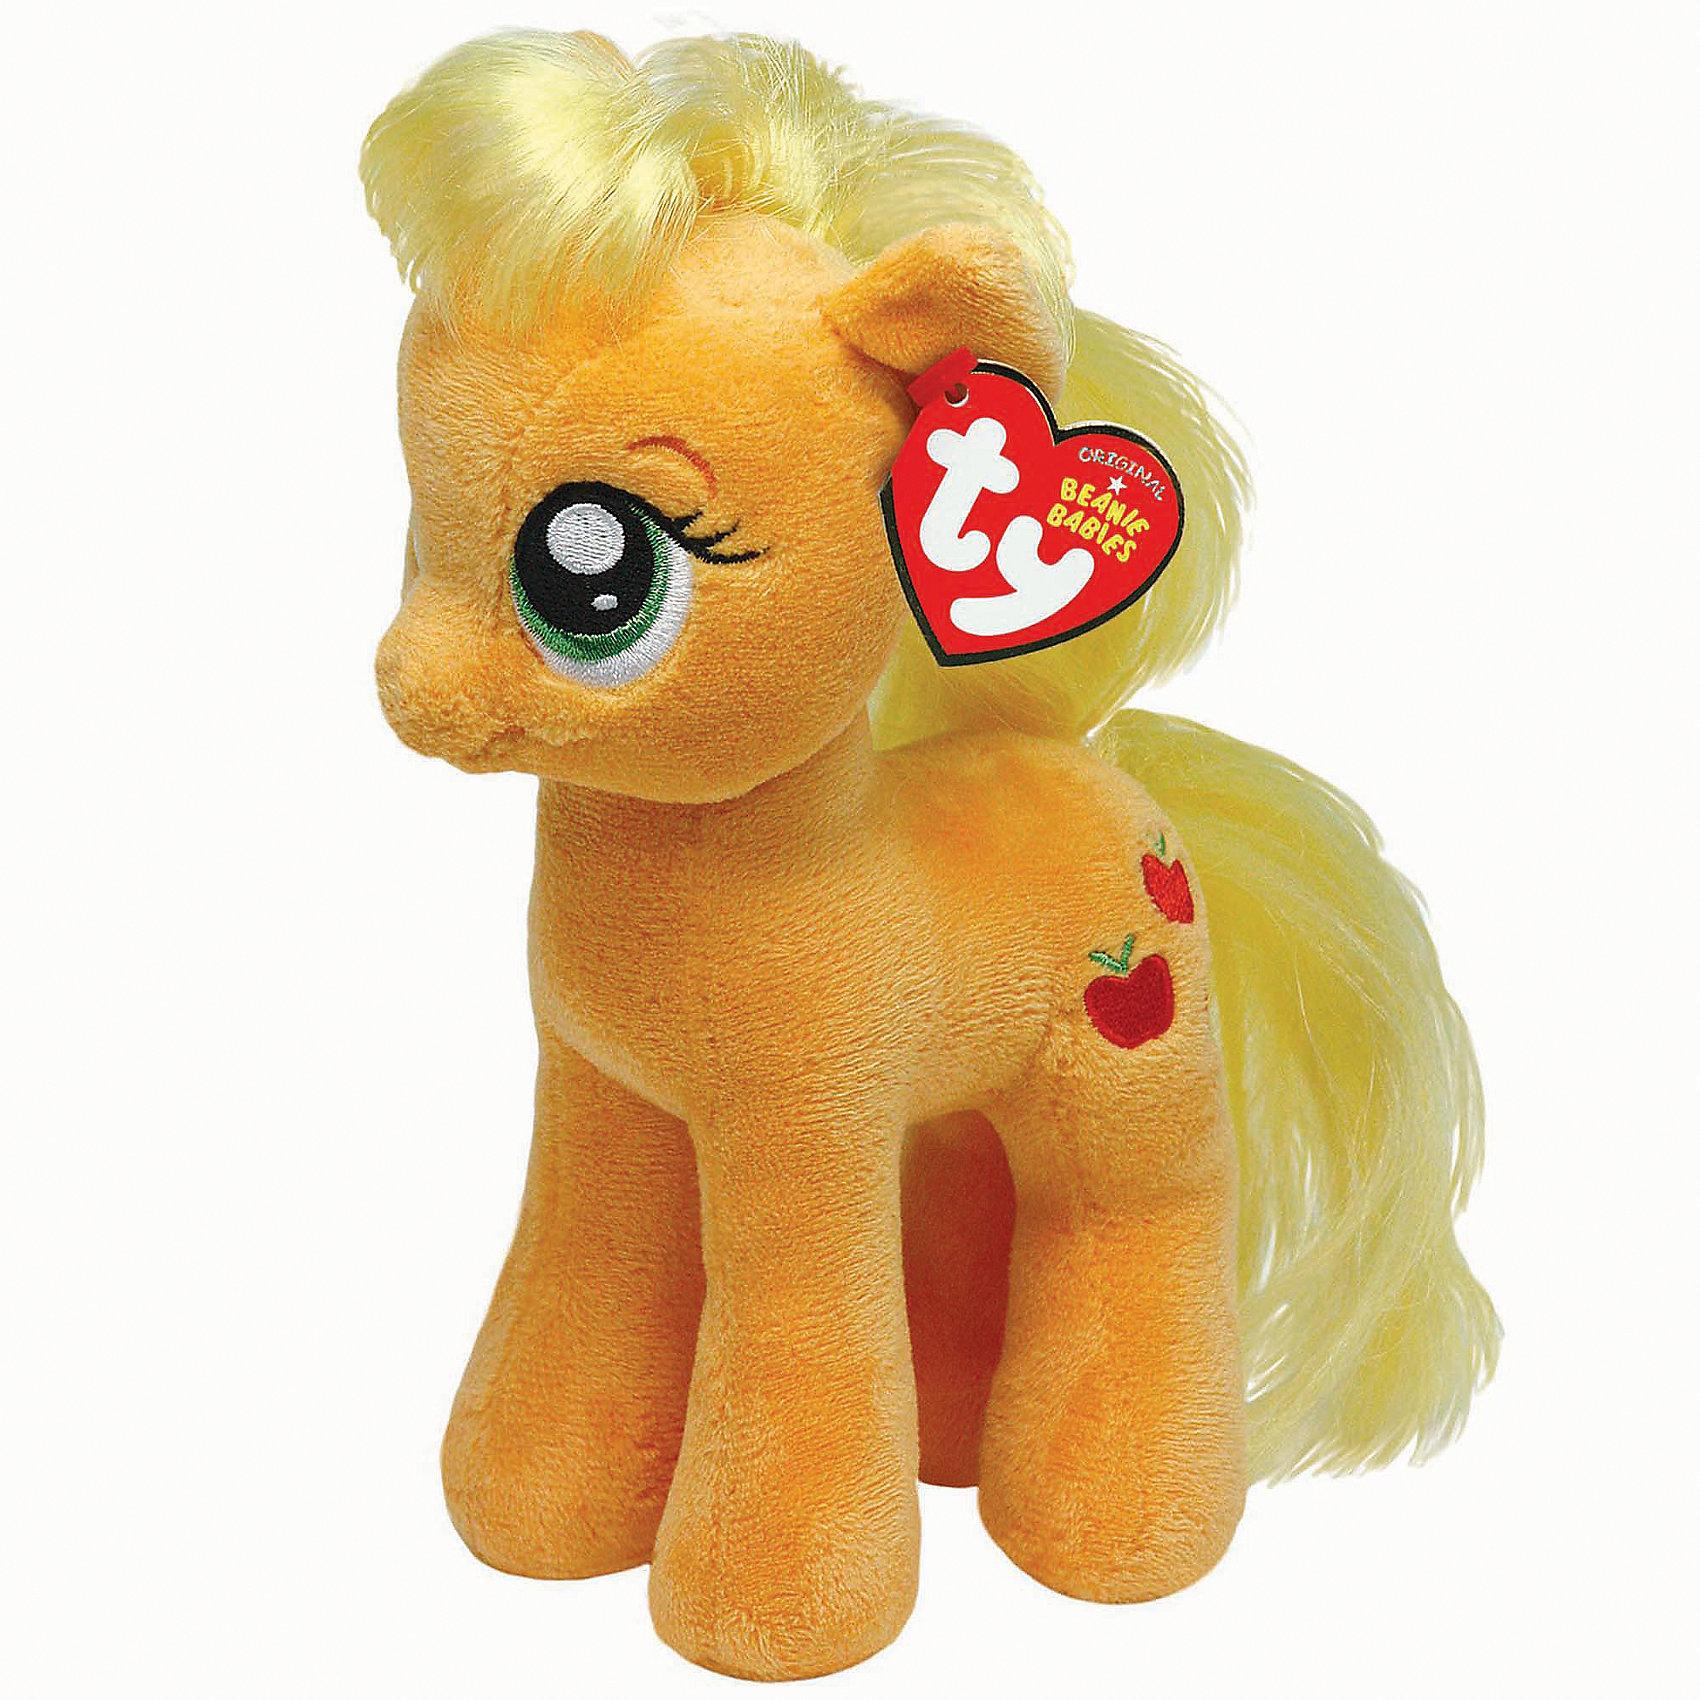 Пони Эпл Джек, 20 см, My little Pony, TyИгрушки<br>Пони Эпл Джек, 20 см, My little Pony, Ty обязательно порадует малышку-поклонницу мультсериала Моя маленькая Пони (Дружба - это чудо).<br>Мягкая игрушка Пони Эпл Джек от Ty для маленьких девочек, которые верят в чудеса и добрых пони. Ее миниатюрные размеры делают ее еще более обаятельной. Милая Пони Эпл Джек с невероятно добрыми искренними глазками еще никого не оставляла равнодушным! У пони мягкая шерстка бежевого цвета, светлая грива и длинный хвост. Она будет радовать девочку своим улыбающимся личиком. Мягкая игрушка изготовлена из высококачественных материалов, которые не принесут вреда детскому здоровью, только радость и захватывающие эмоции от новой игрушки, которая сошла с экрана телевизора, чтобы поиграть с вашей малышкой и научить ее быть доброй и отзывчивой.<br><br>Дополнительная информация:<br><br>- Игрушка развивает: тактильные навыки, зрительную координацию, мелкую моторику рук<br>- Яркие и стойкие цвета приятны для глаз<br>- Материал: текстиль, искусственный мех<br>- Наполнение: синтепон<br>- Размер игрушки: 20 см.<br><br>Мягкая игрушка Пони Эпл Джек, 20 см, My little Pony, Ty - подарите себе и своему ребенку частичку радости!<br><br>Мягкую игрушку Пони Эпл Джек, 20 см, My little Pony (Май литл Пони), Ty можно купить в нашем интернет-магазине.<br><br>Ширина мм: 360<br>Глубина мм: 190<br>Высота мм: 203<br>Вес г: 85<br>Возраст от месяцев: 36<br>Возраст до месяцев: 120<br>Пол: Женский<br>Возраст: Детский<br>SKU: 3789507